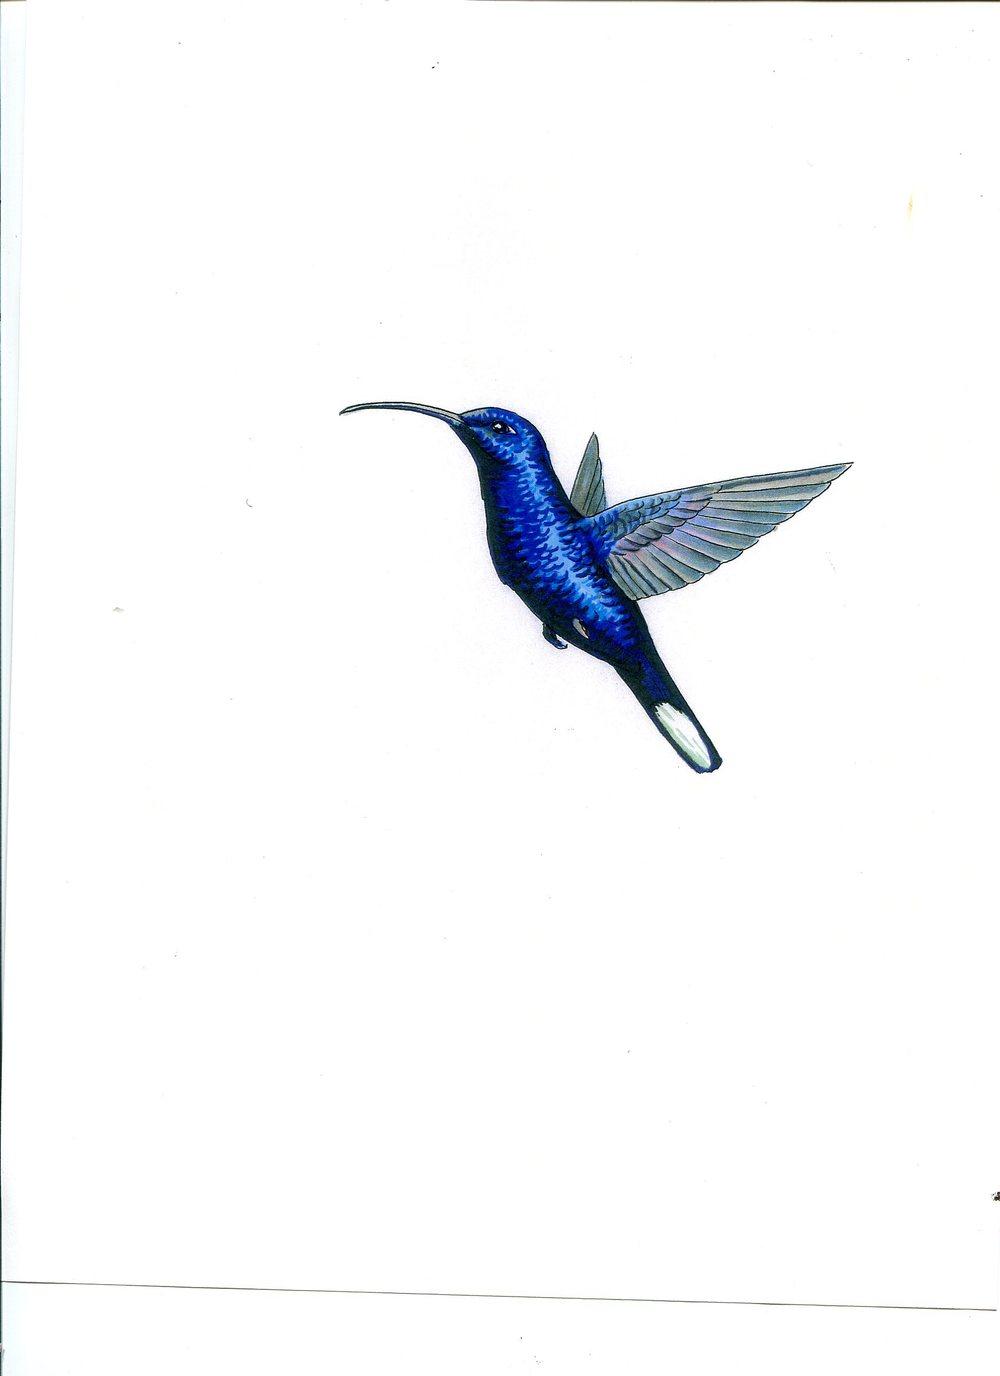 humming bird 6293.jpg